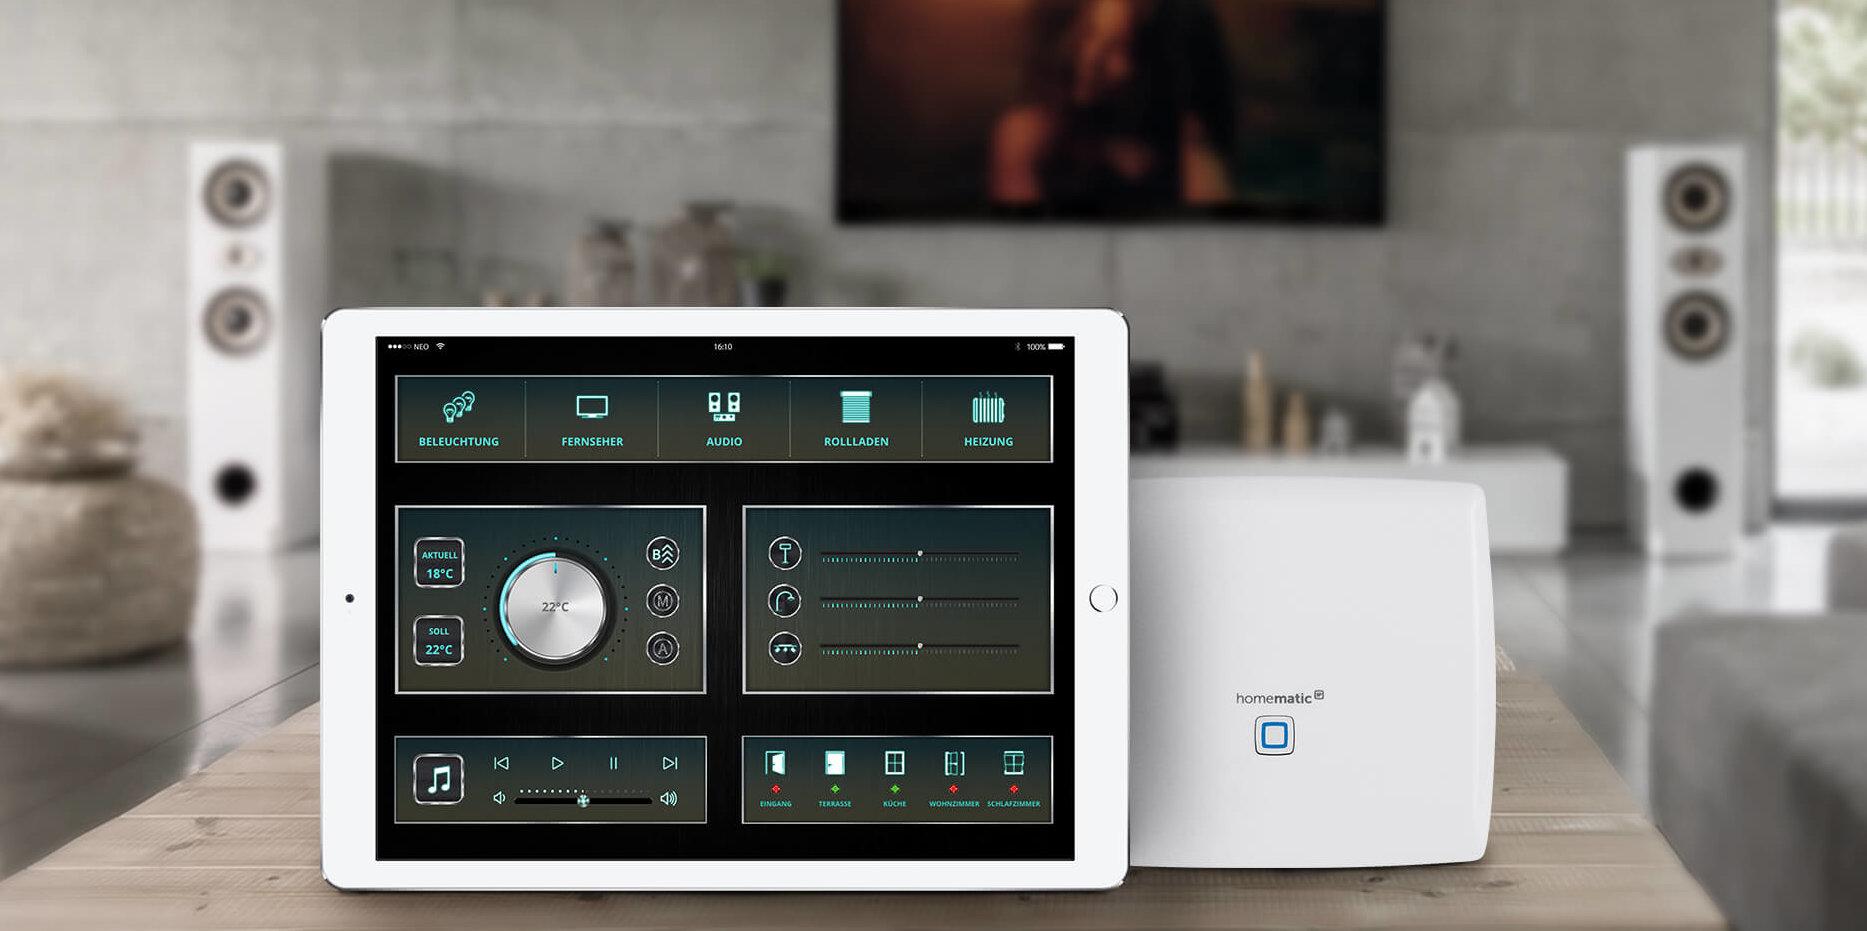 mediola cc3 smart home